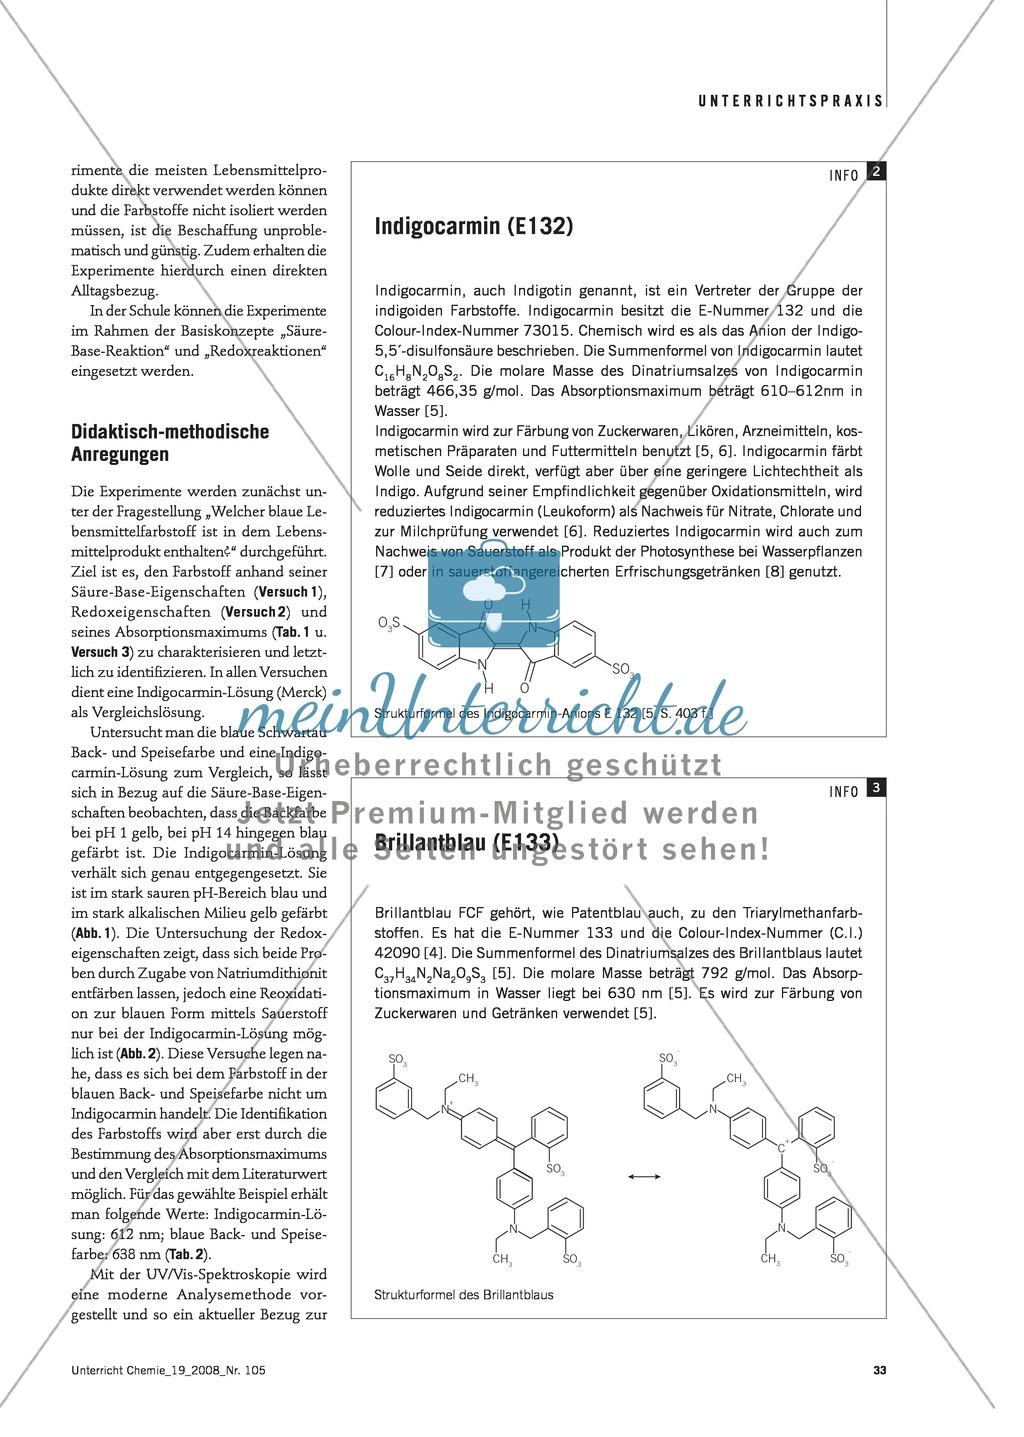 Blaue Farbstoffe in Lebensmitteln: Säure-Base-Eigenschaften und Redoxeigenschaften Preview 1